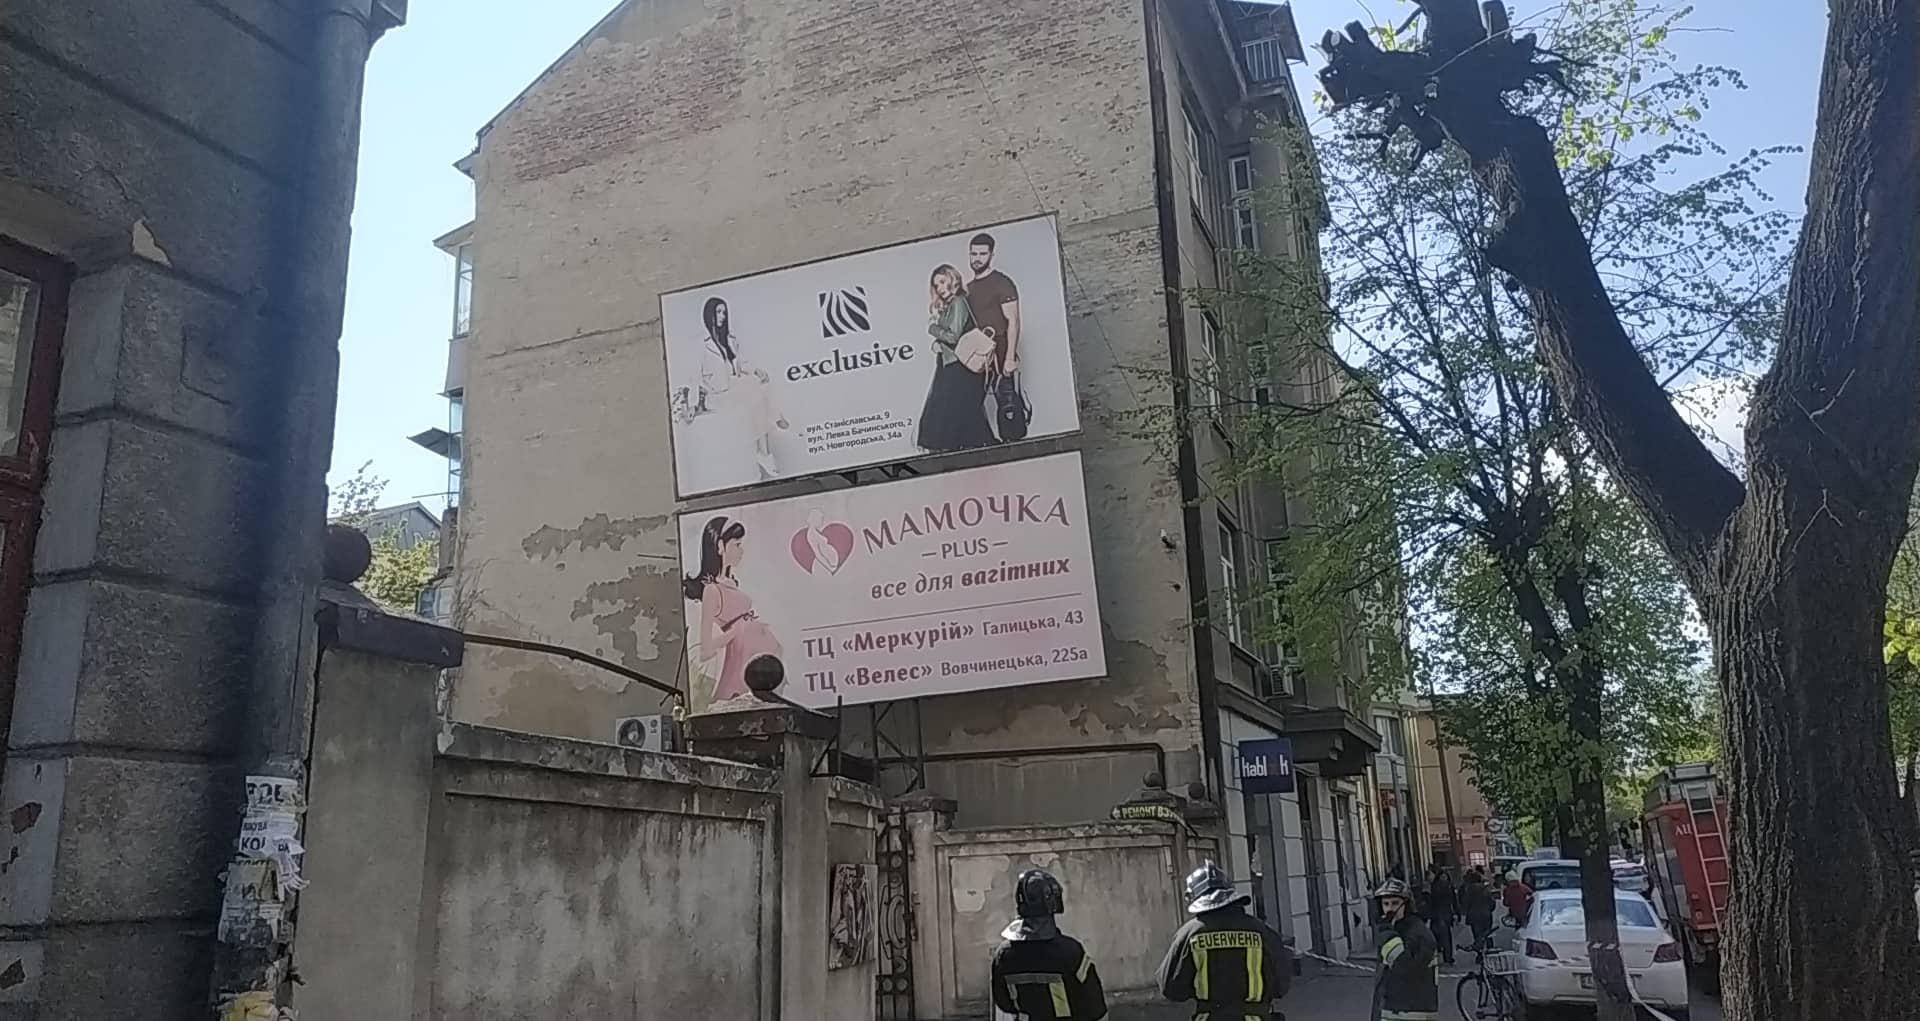 Смертельна небезпека над головою: у центрі Івано-Франківська на перехожих може впасти великий рекламний щит (фото+відео)